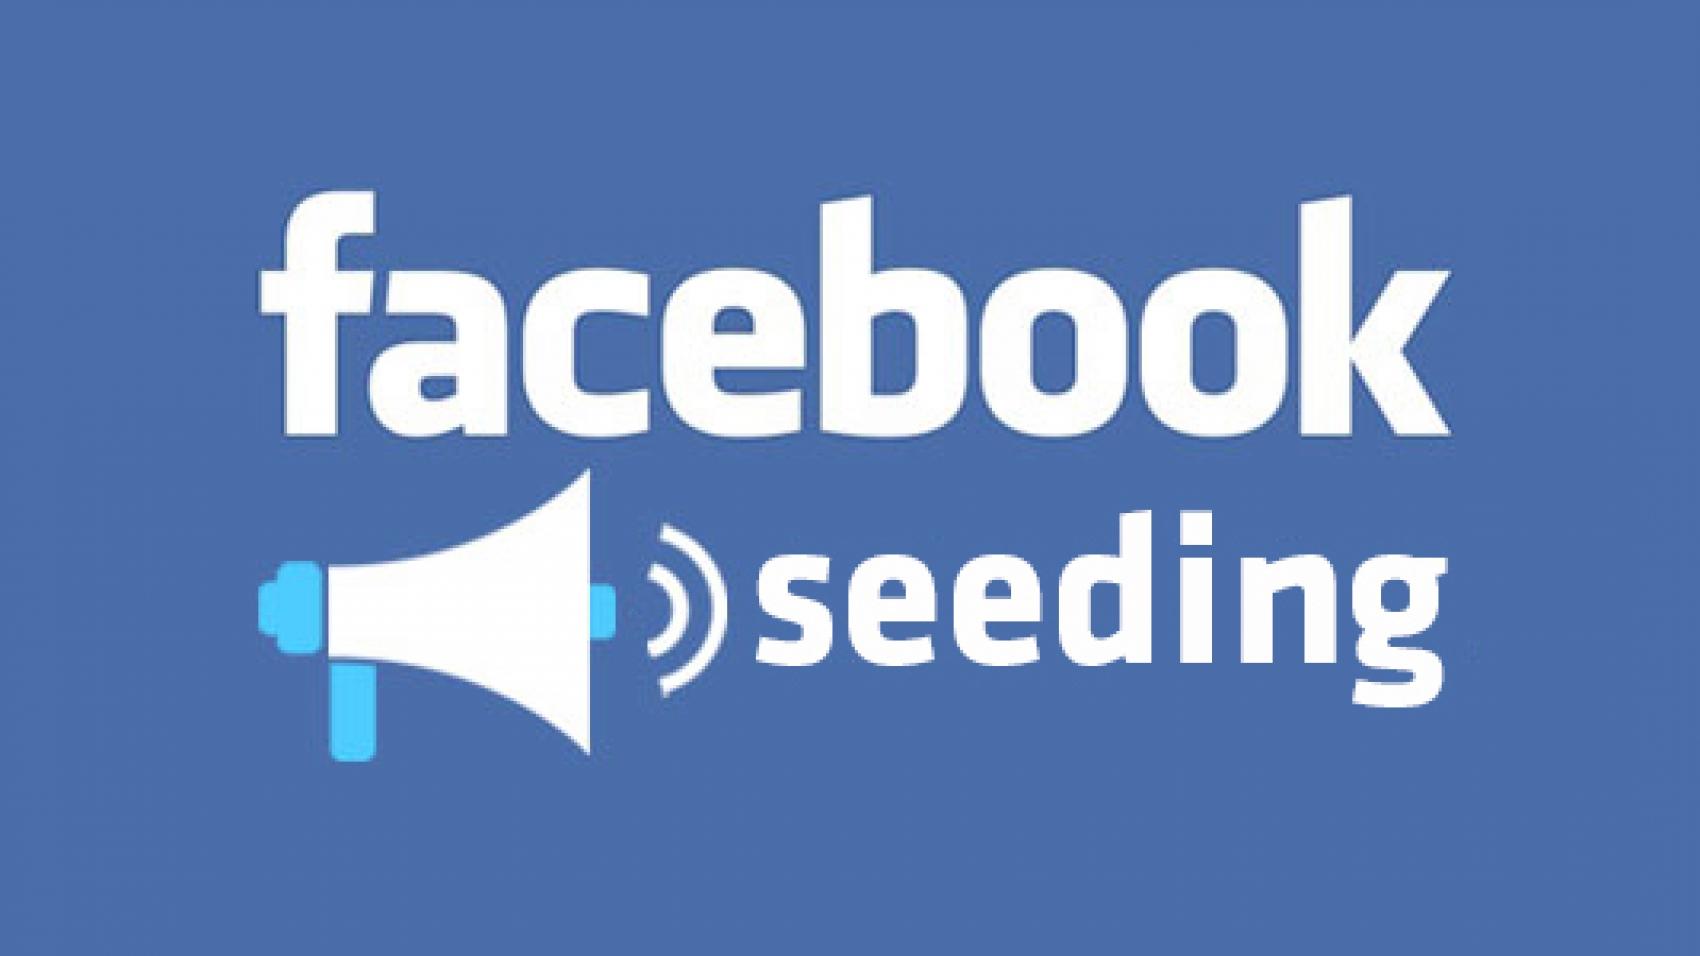 Tại Sao Cần Dịch Vụ Seeding Facebook?